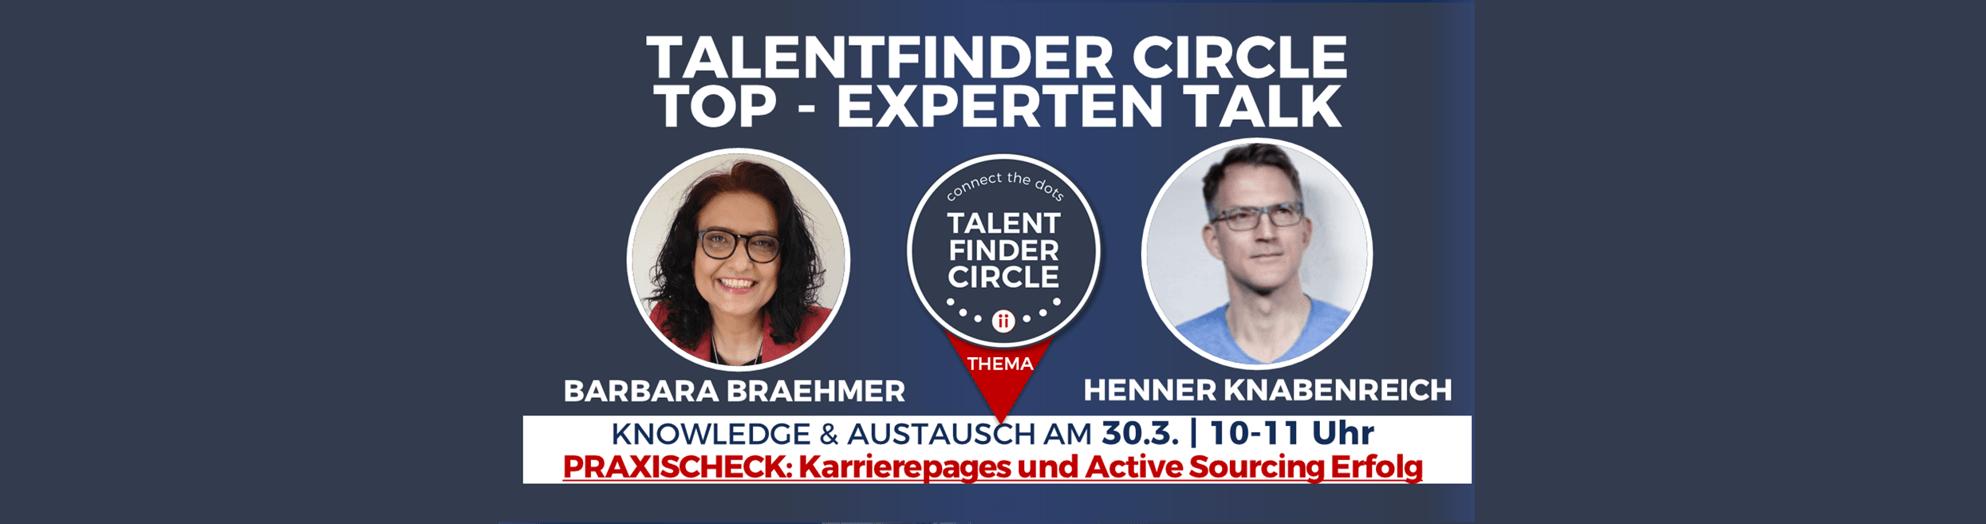 TOP-Experten Talk mit HENNER KNABENREICH - Header TFC -20210330